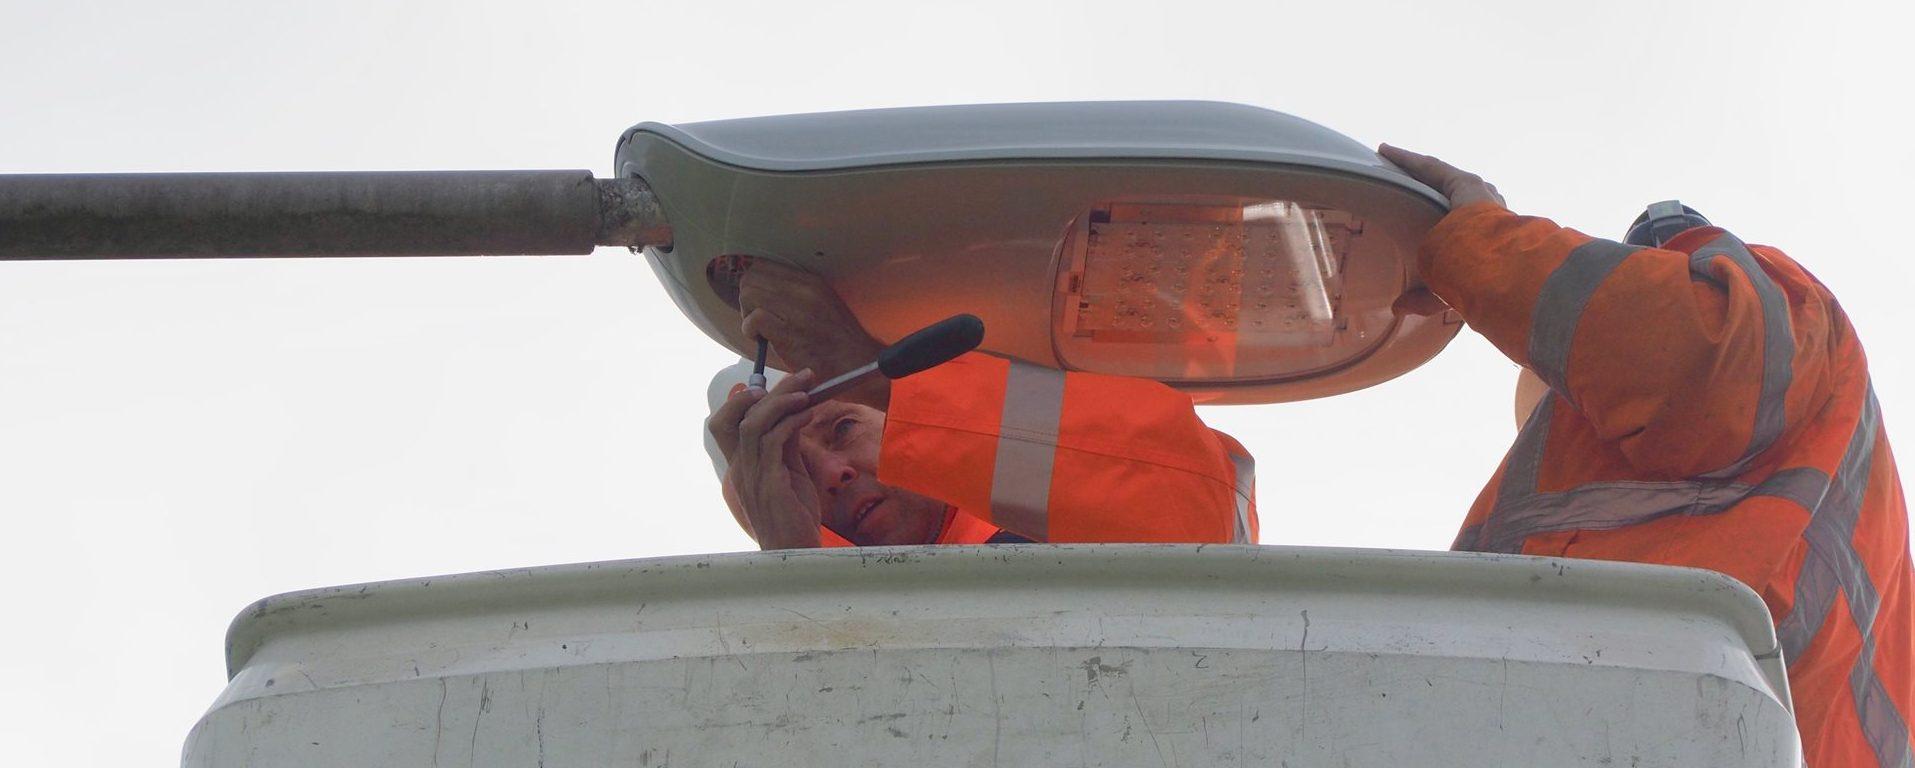 Provincie Flevoland plaatst duurzame verlichting langs provinciale wegen